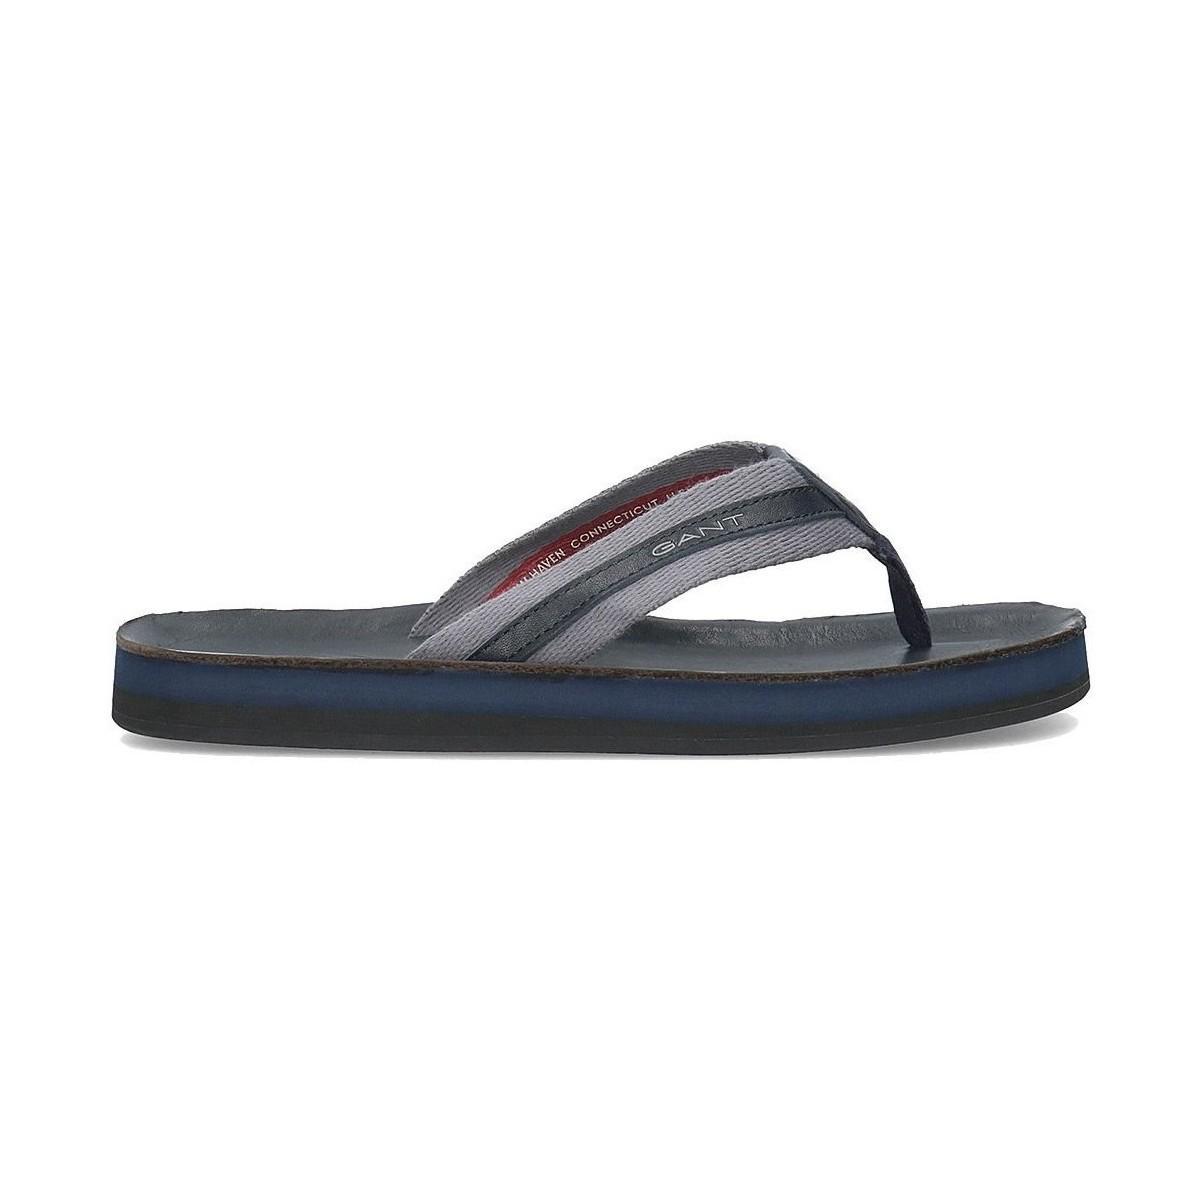 f51a72e18c3 GANT 18691414g69 Men's Flip Flops / Sandals (shoes) In Multicolour ...